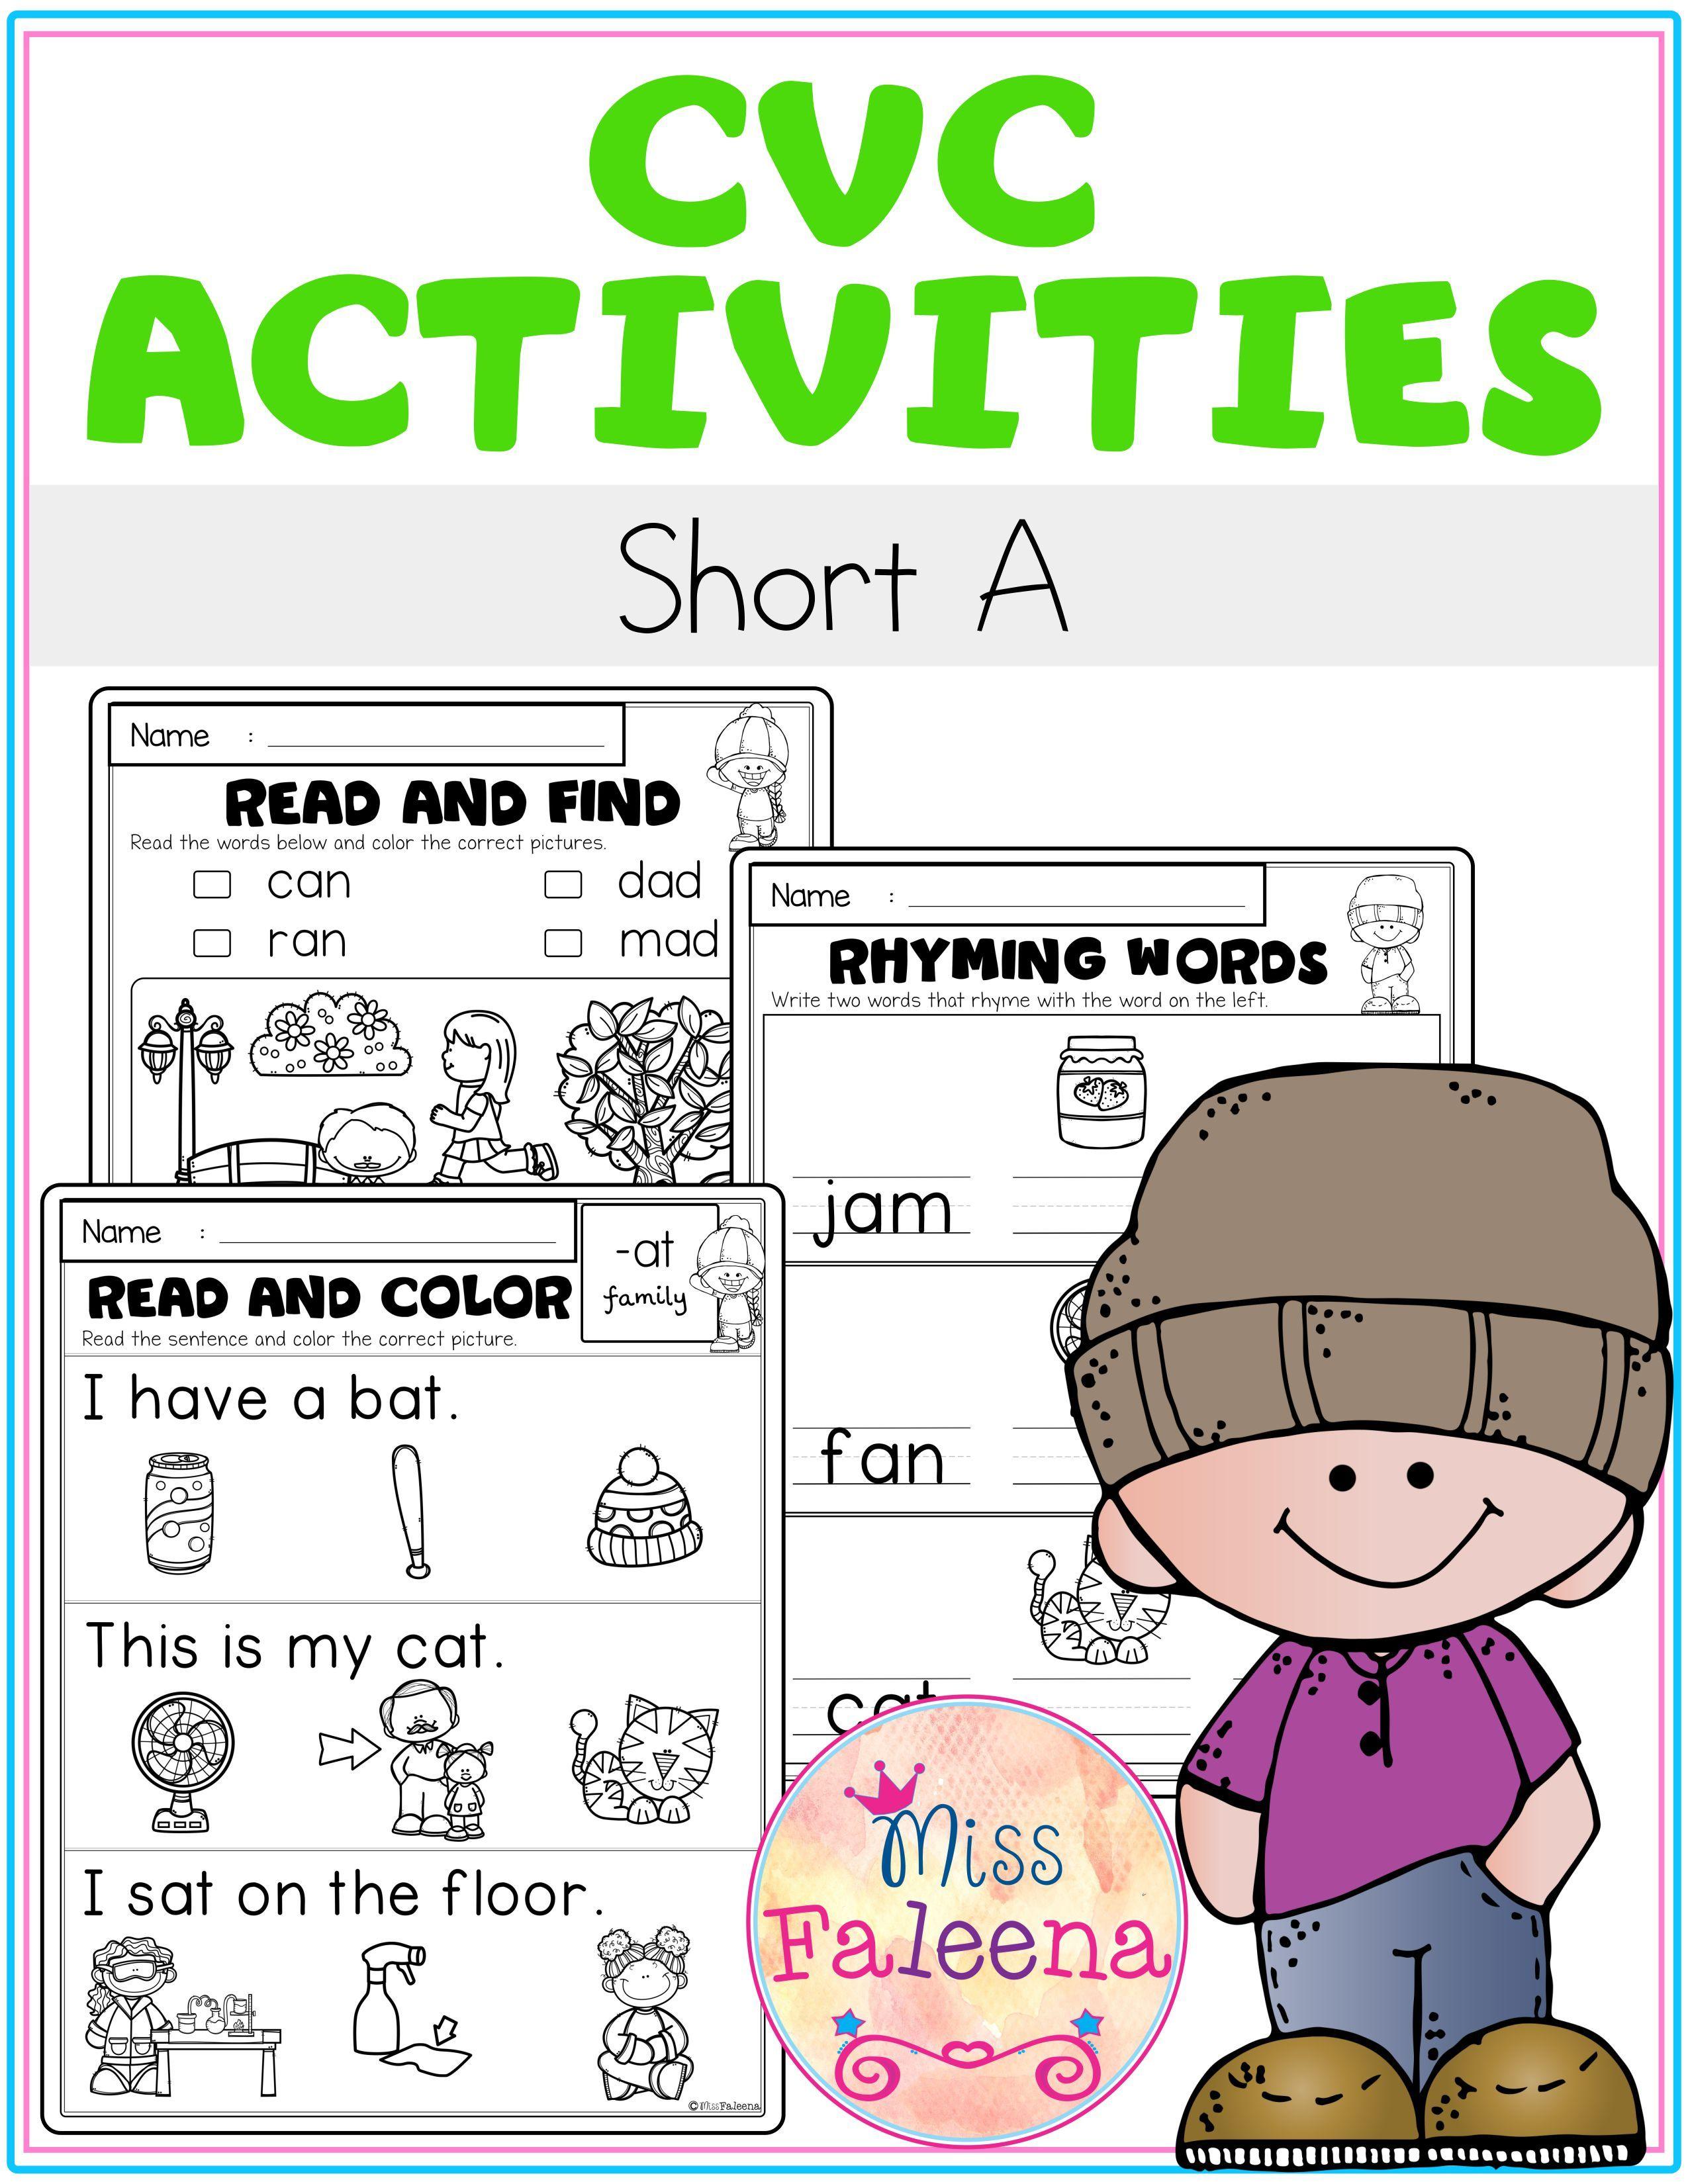 Cvc Activities Short A